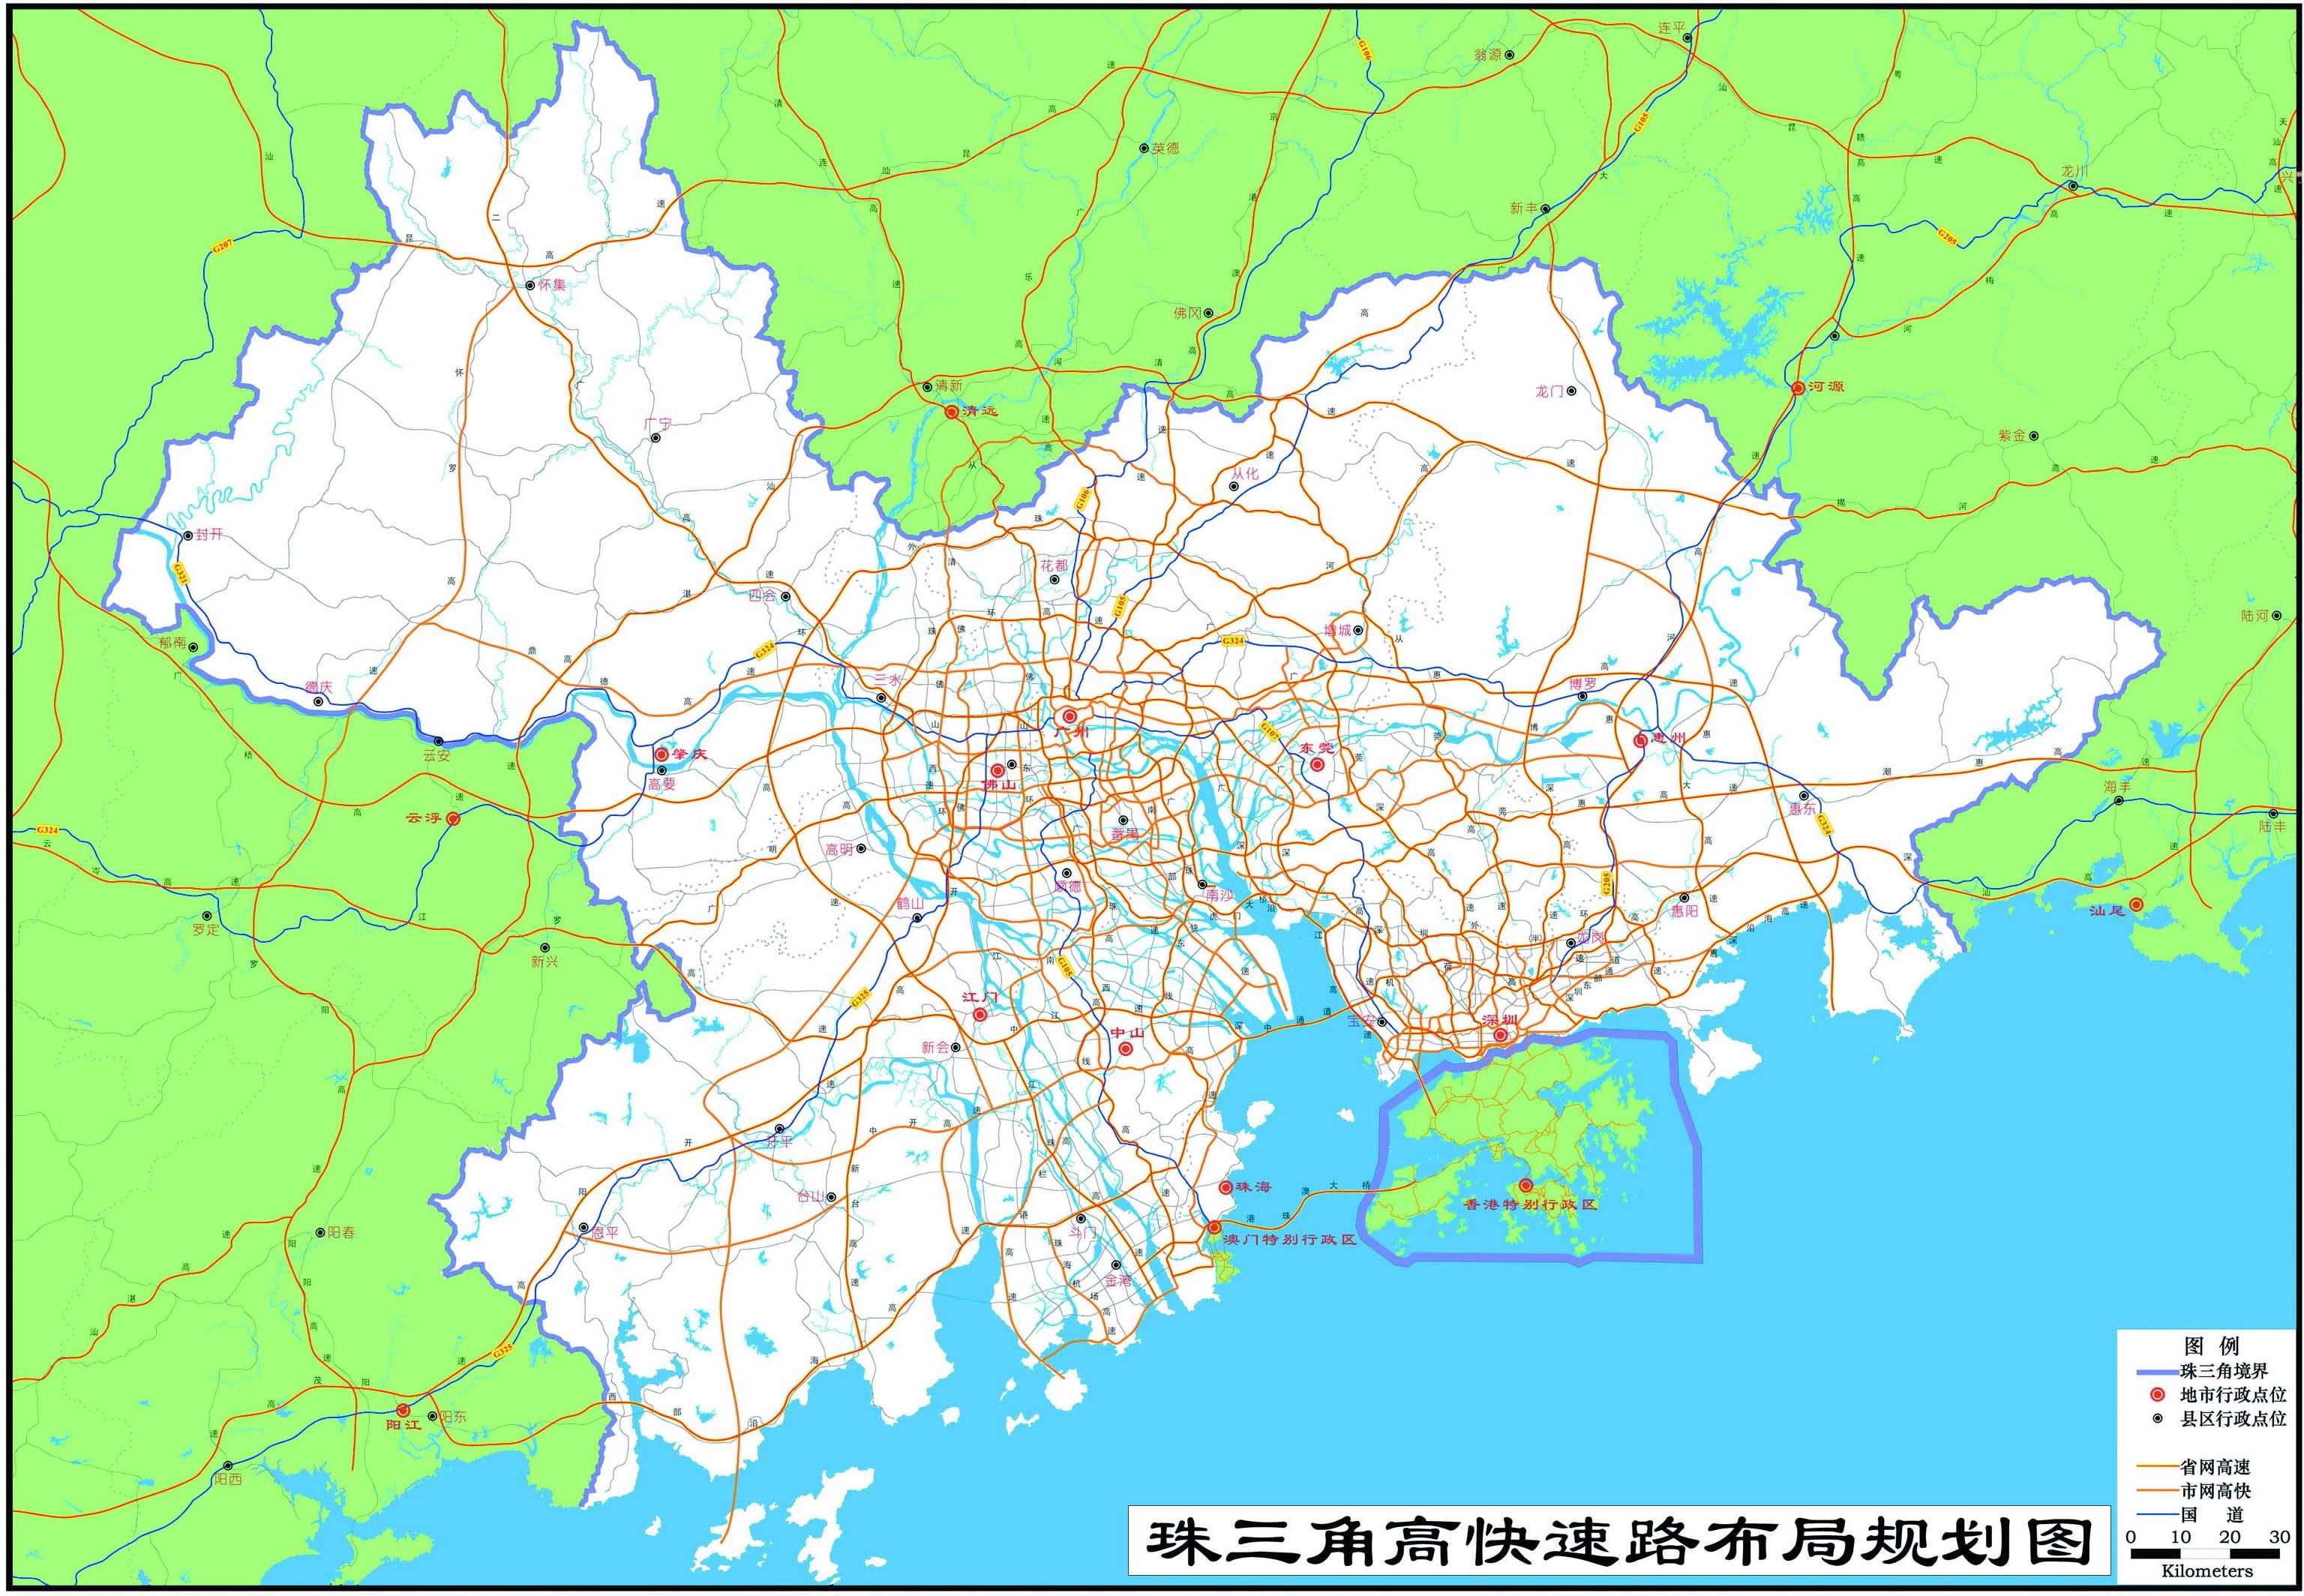 珠江三角洲高快速路布局规划图